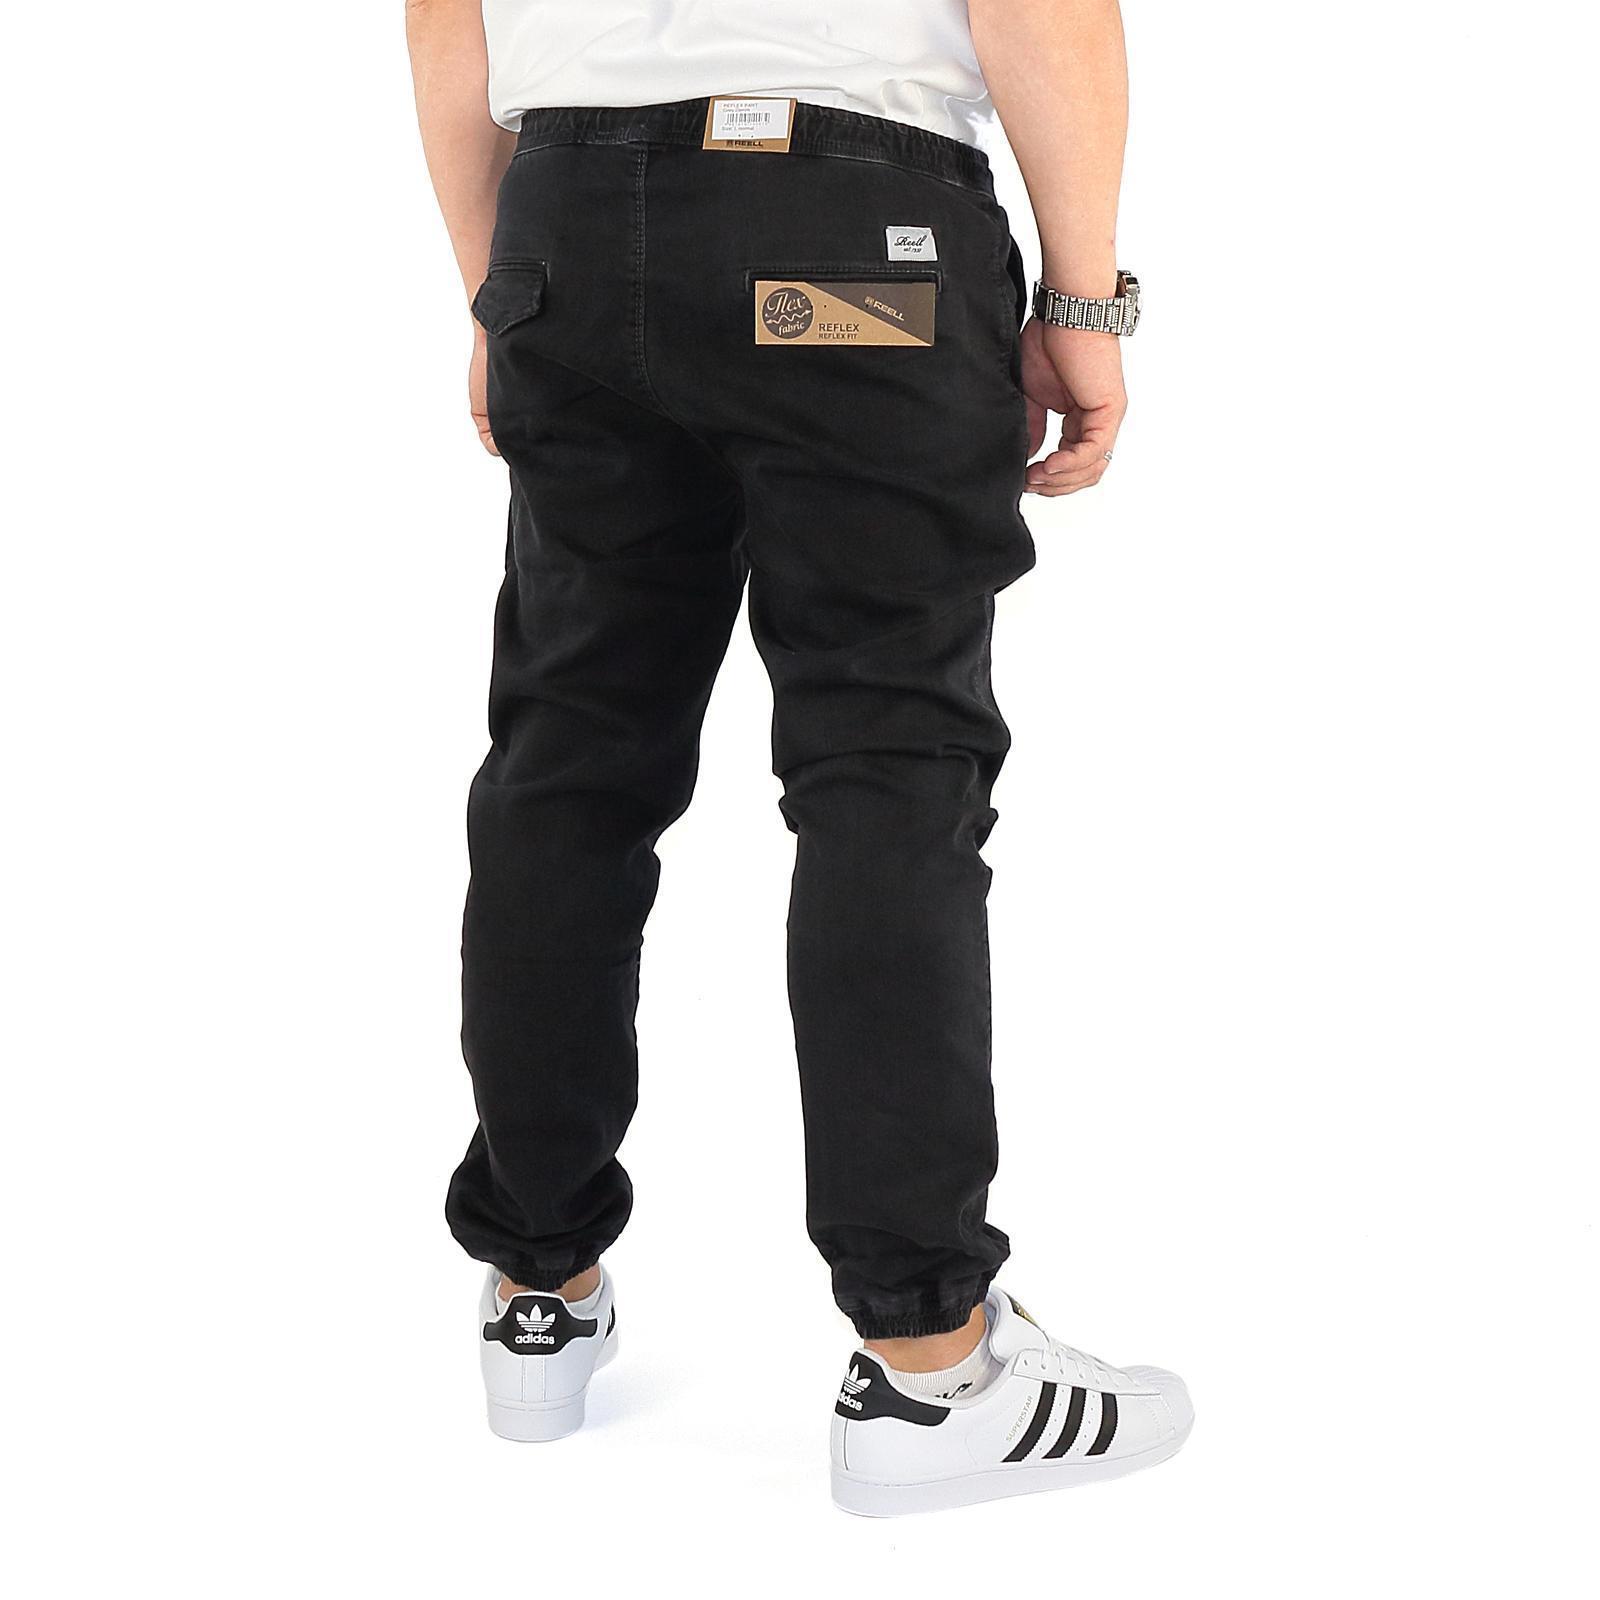 1680 9886 02 Pioneer Herren Jeans